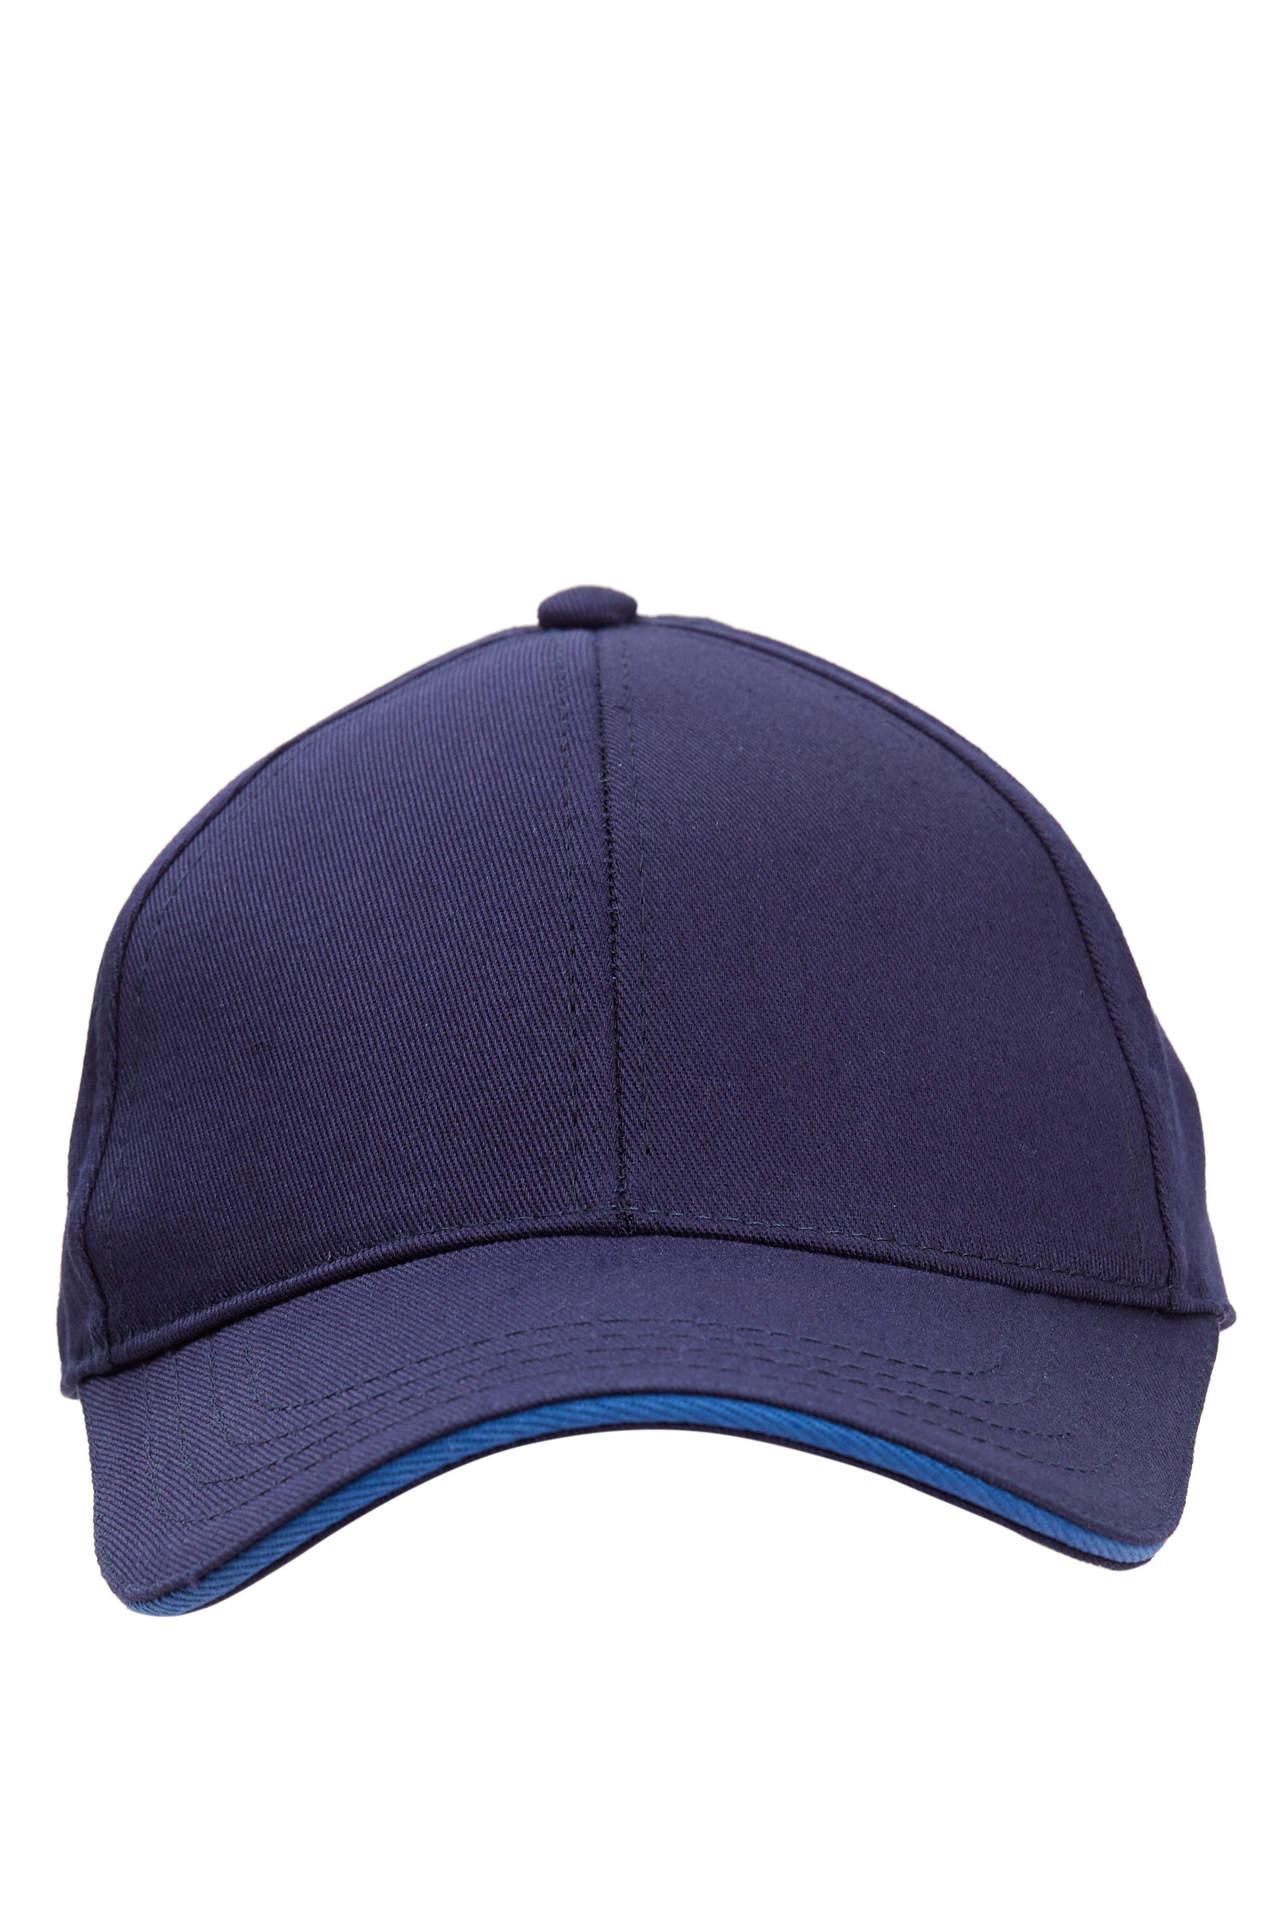 DeFacto Erkek Çocuk Baskılı Şapka Lacivert male